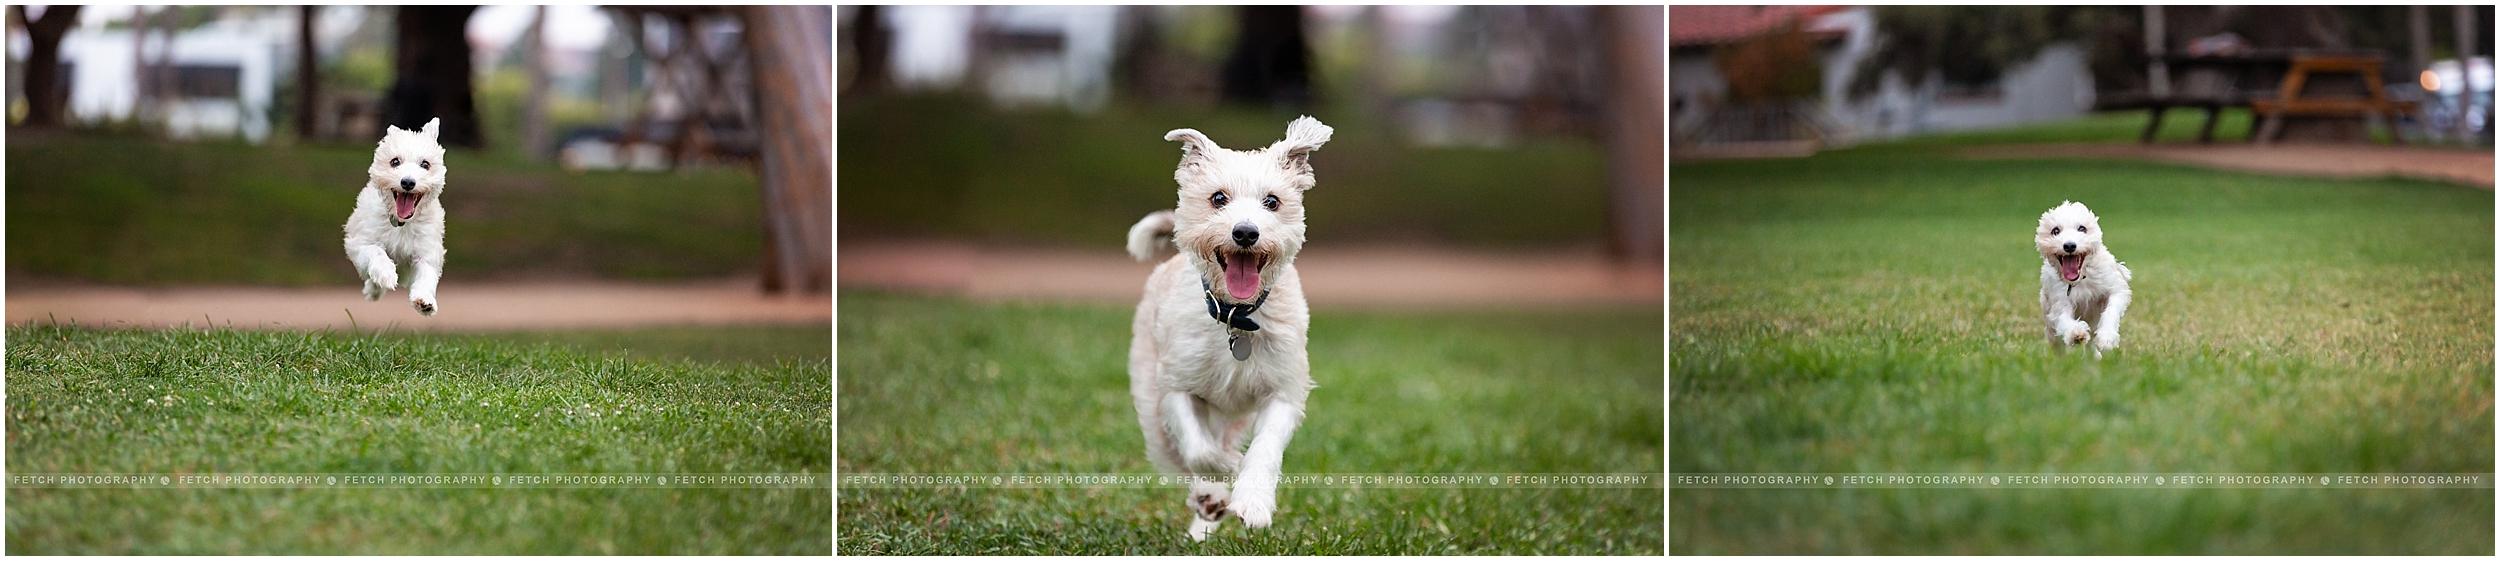 action-dog-photos